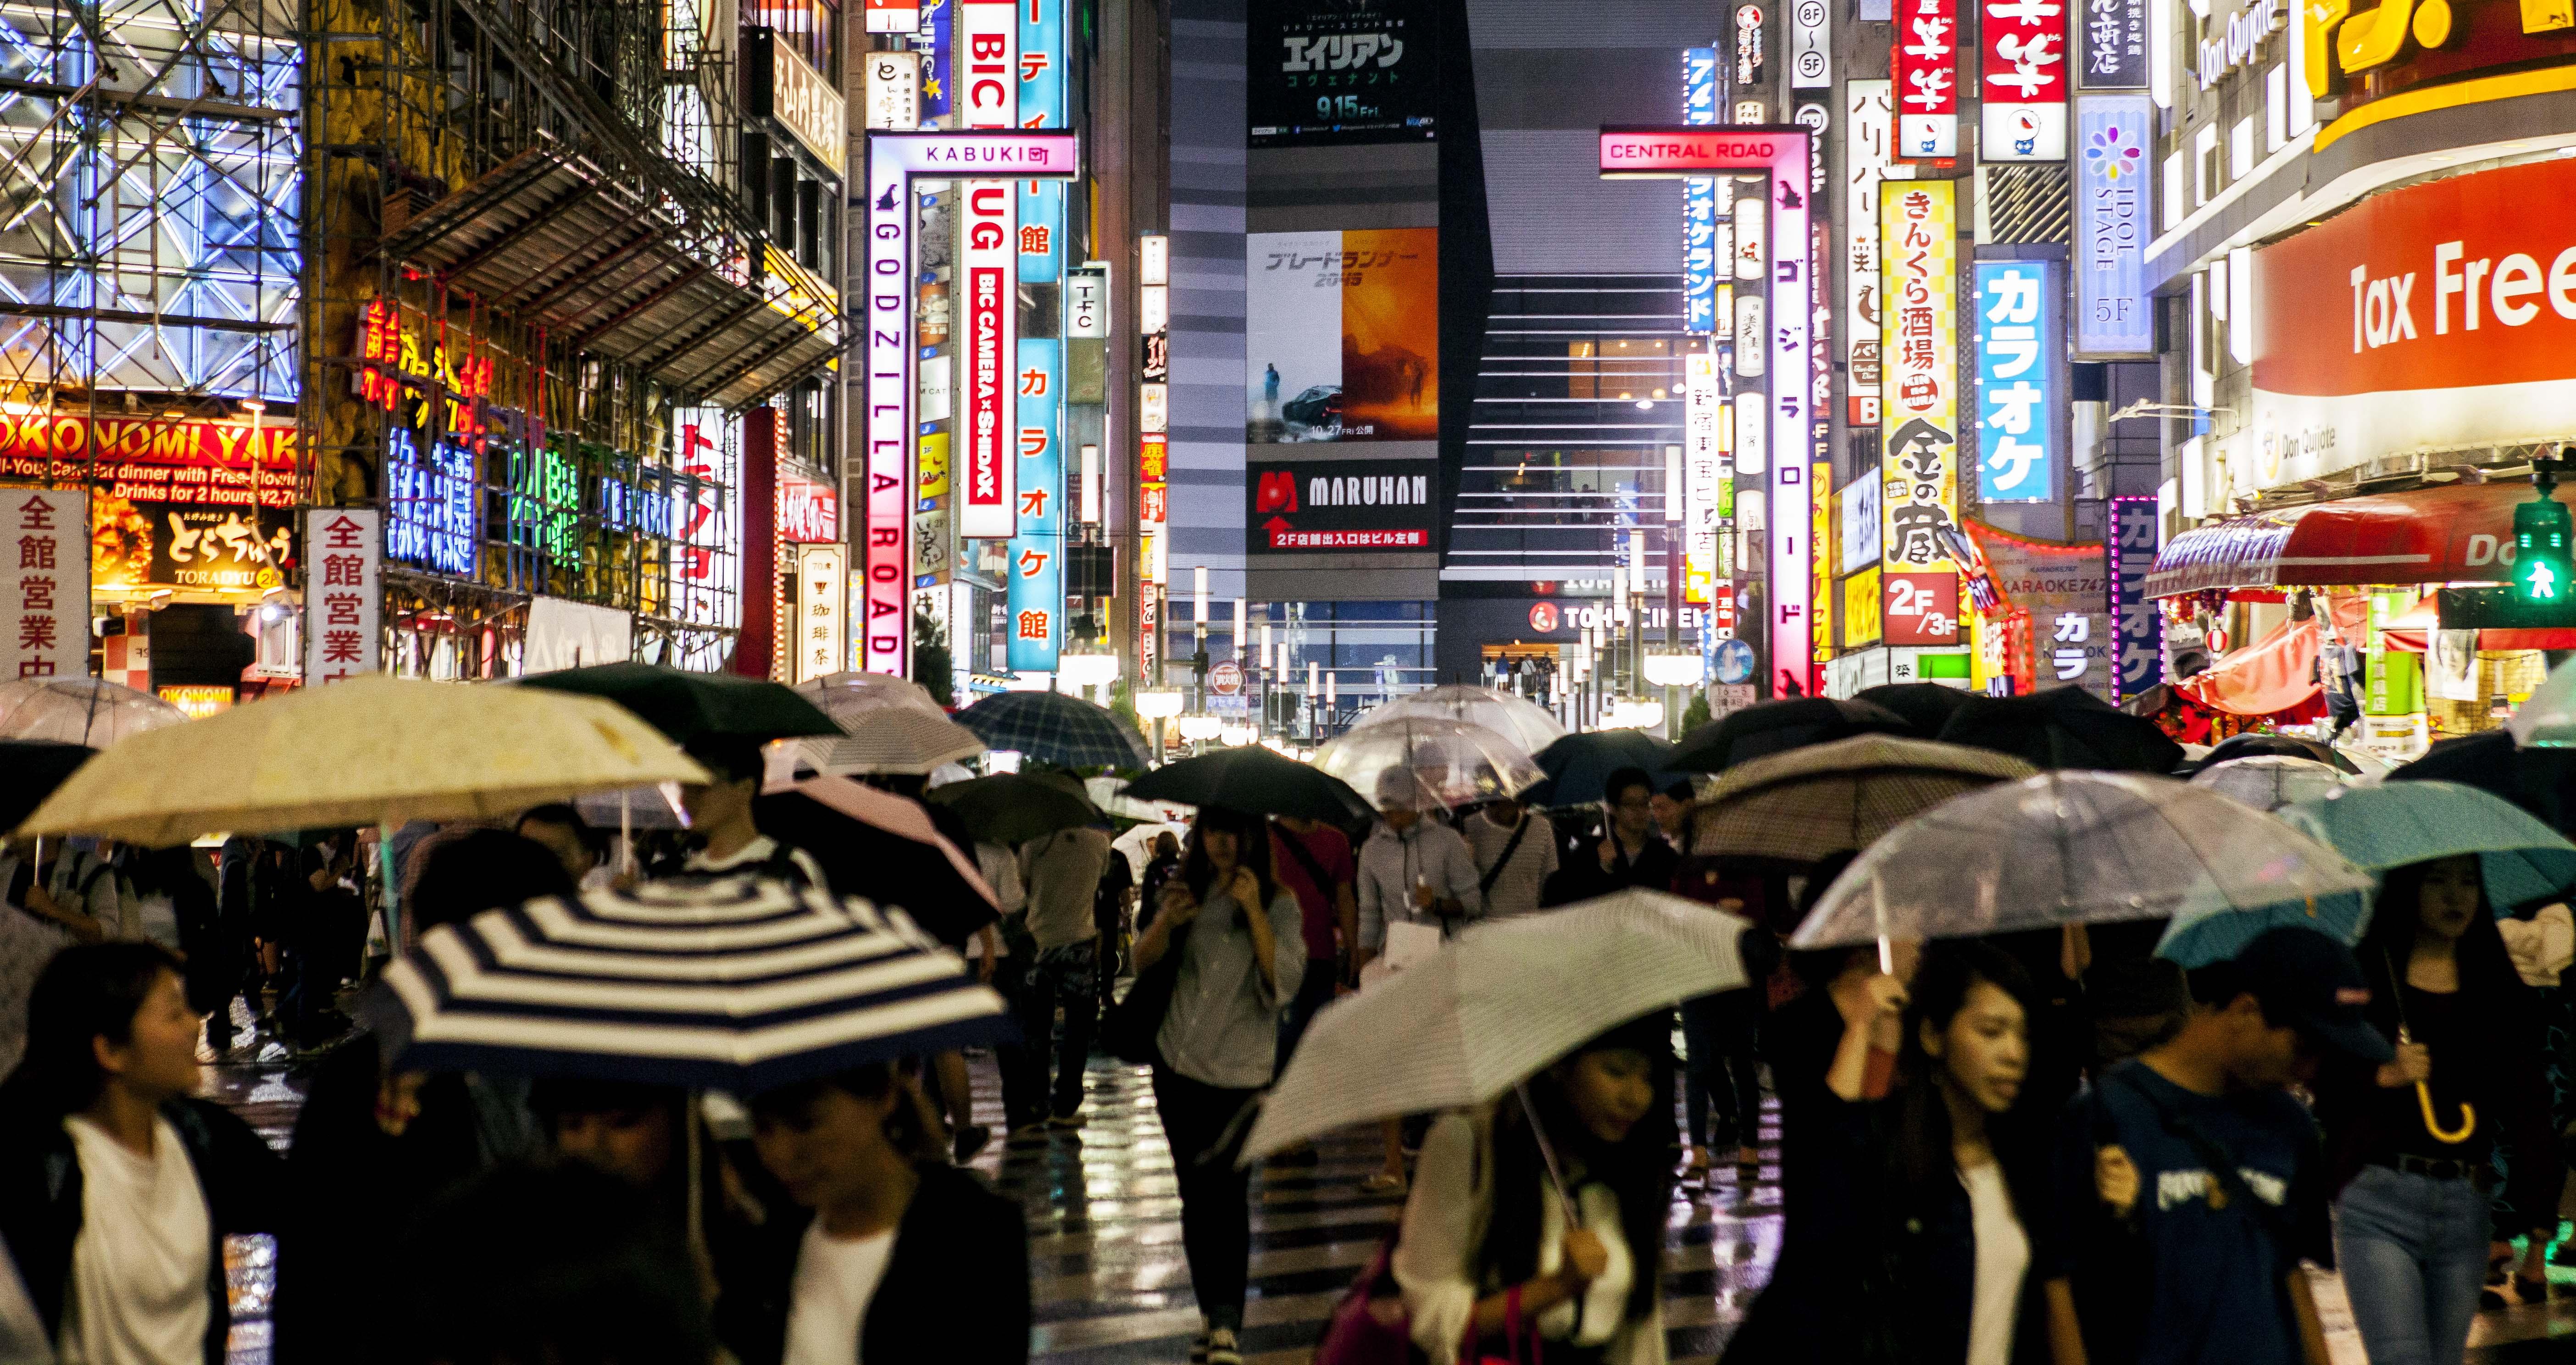 Shinjuku 7